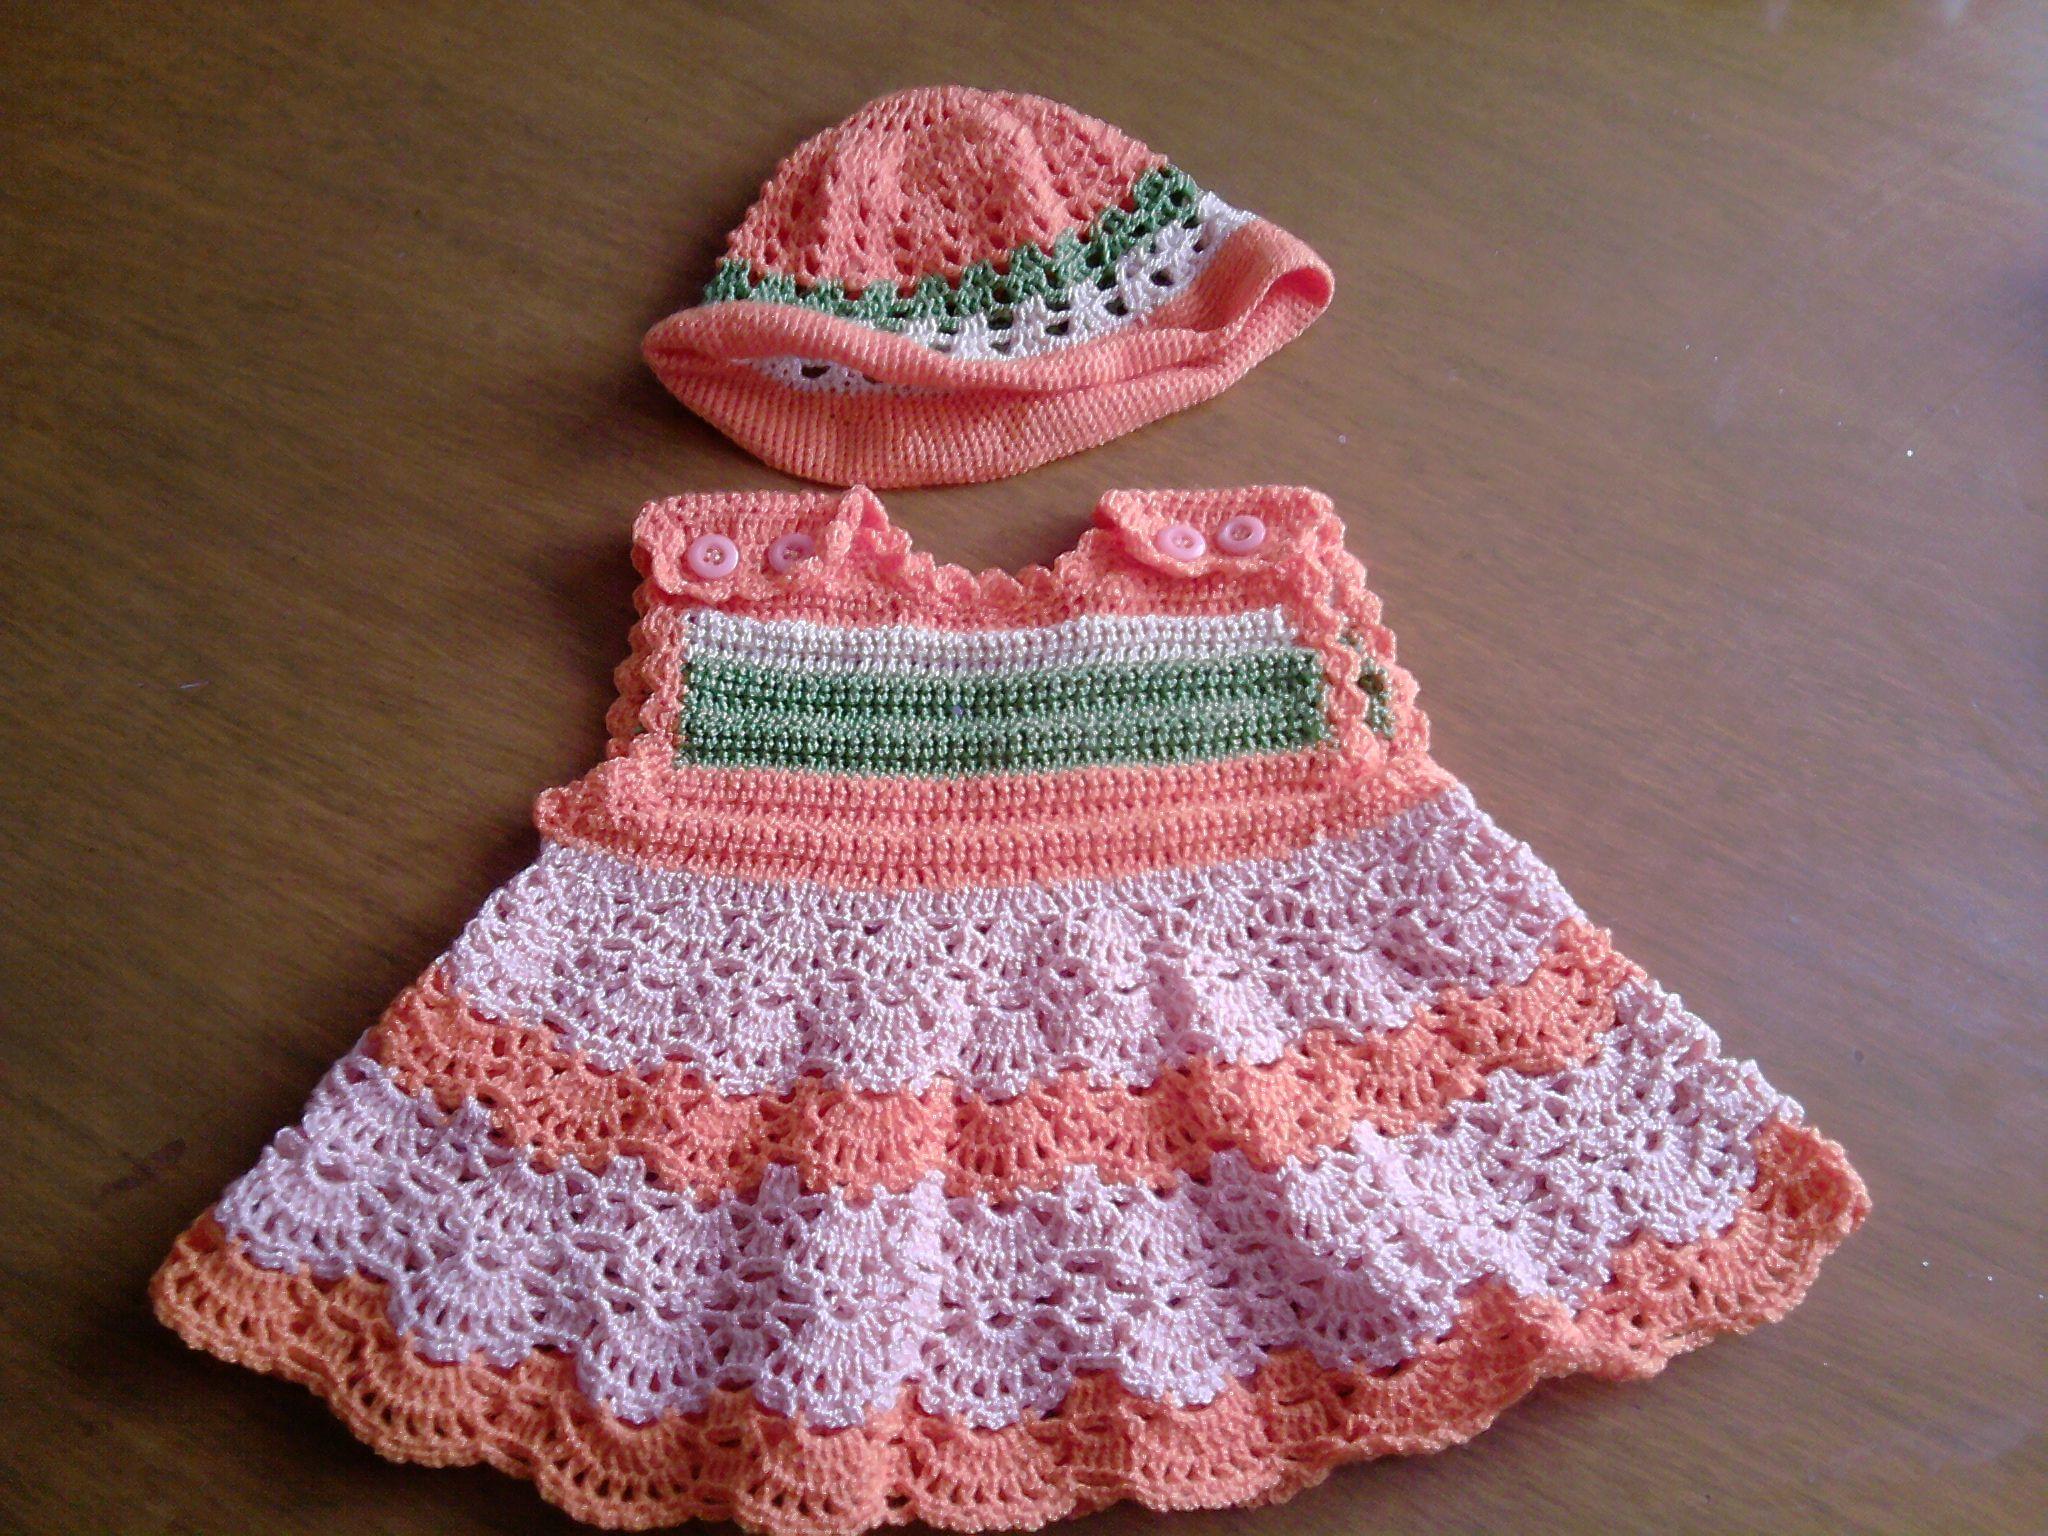 Pin by Megha Saha on crochet | Pinterest